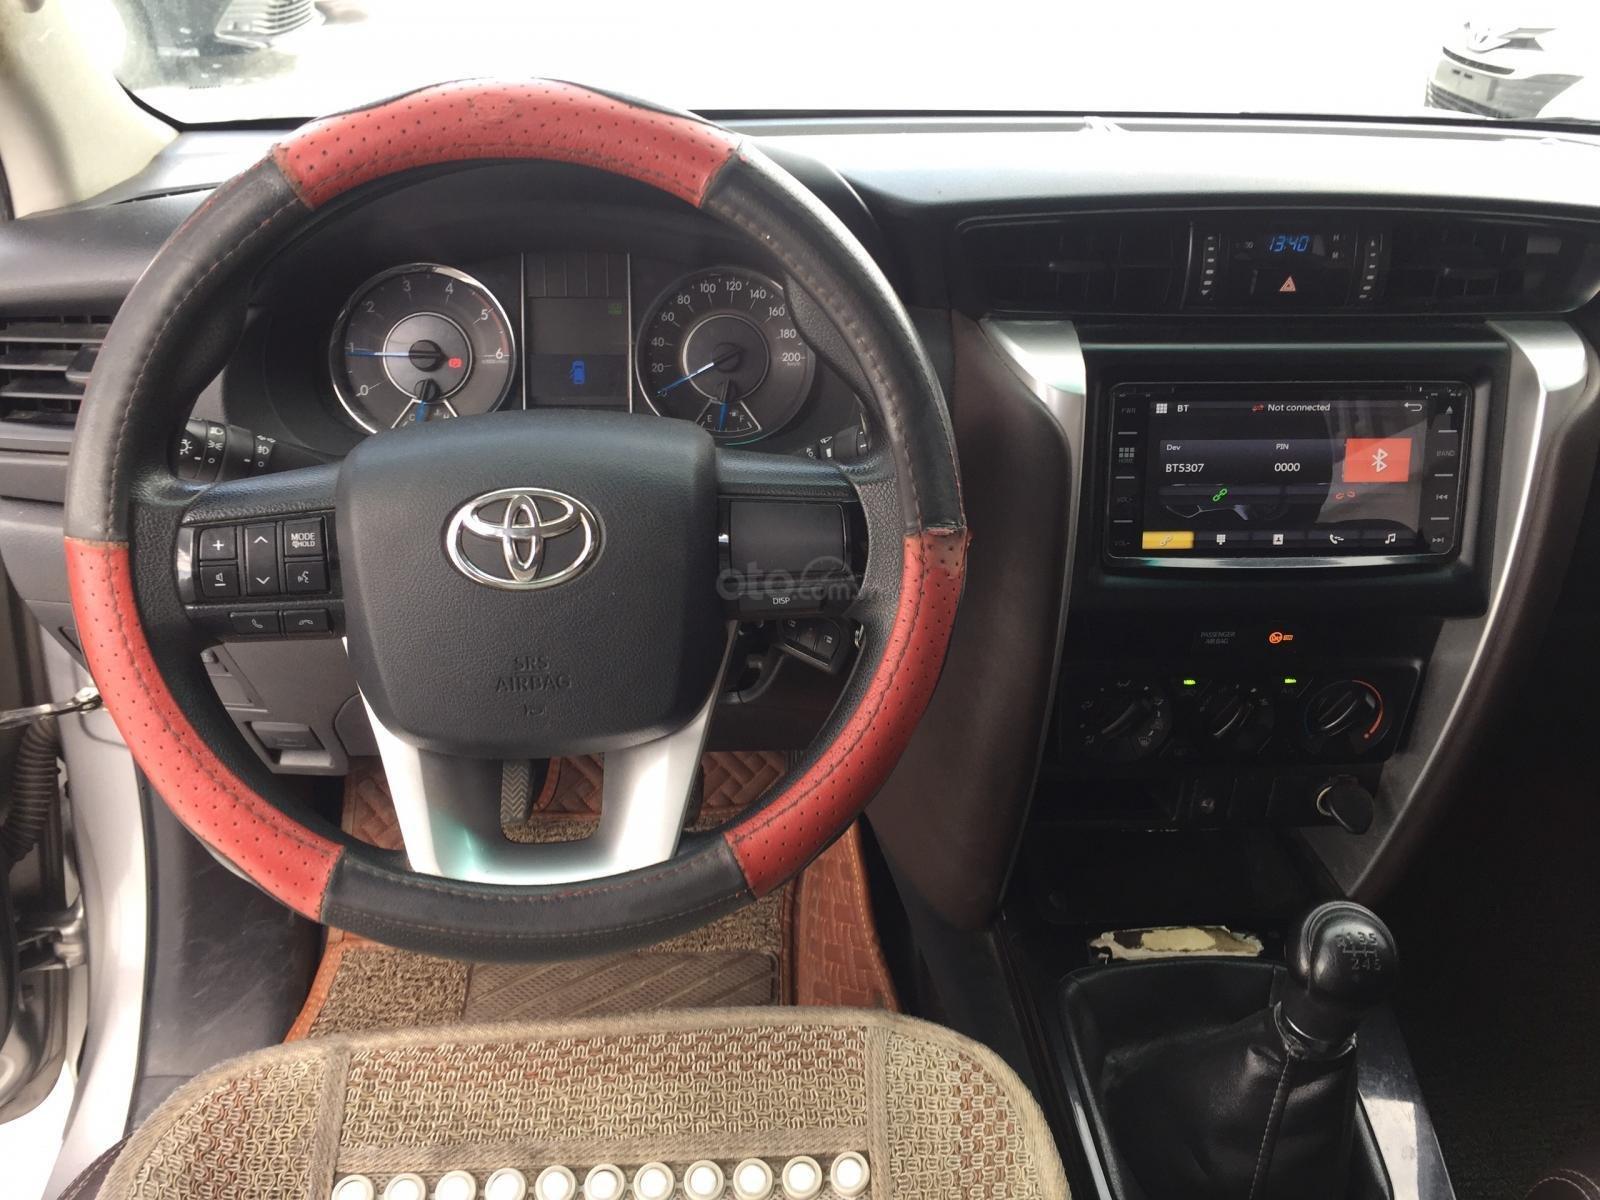 Thanh lý xe Toyota Fortuner 2.4G MT 2017, màu bạc xe đi được 79.000km - Xe chất giá tốt (11)